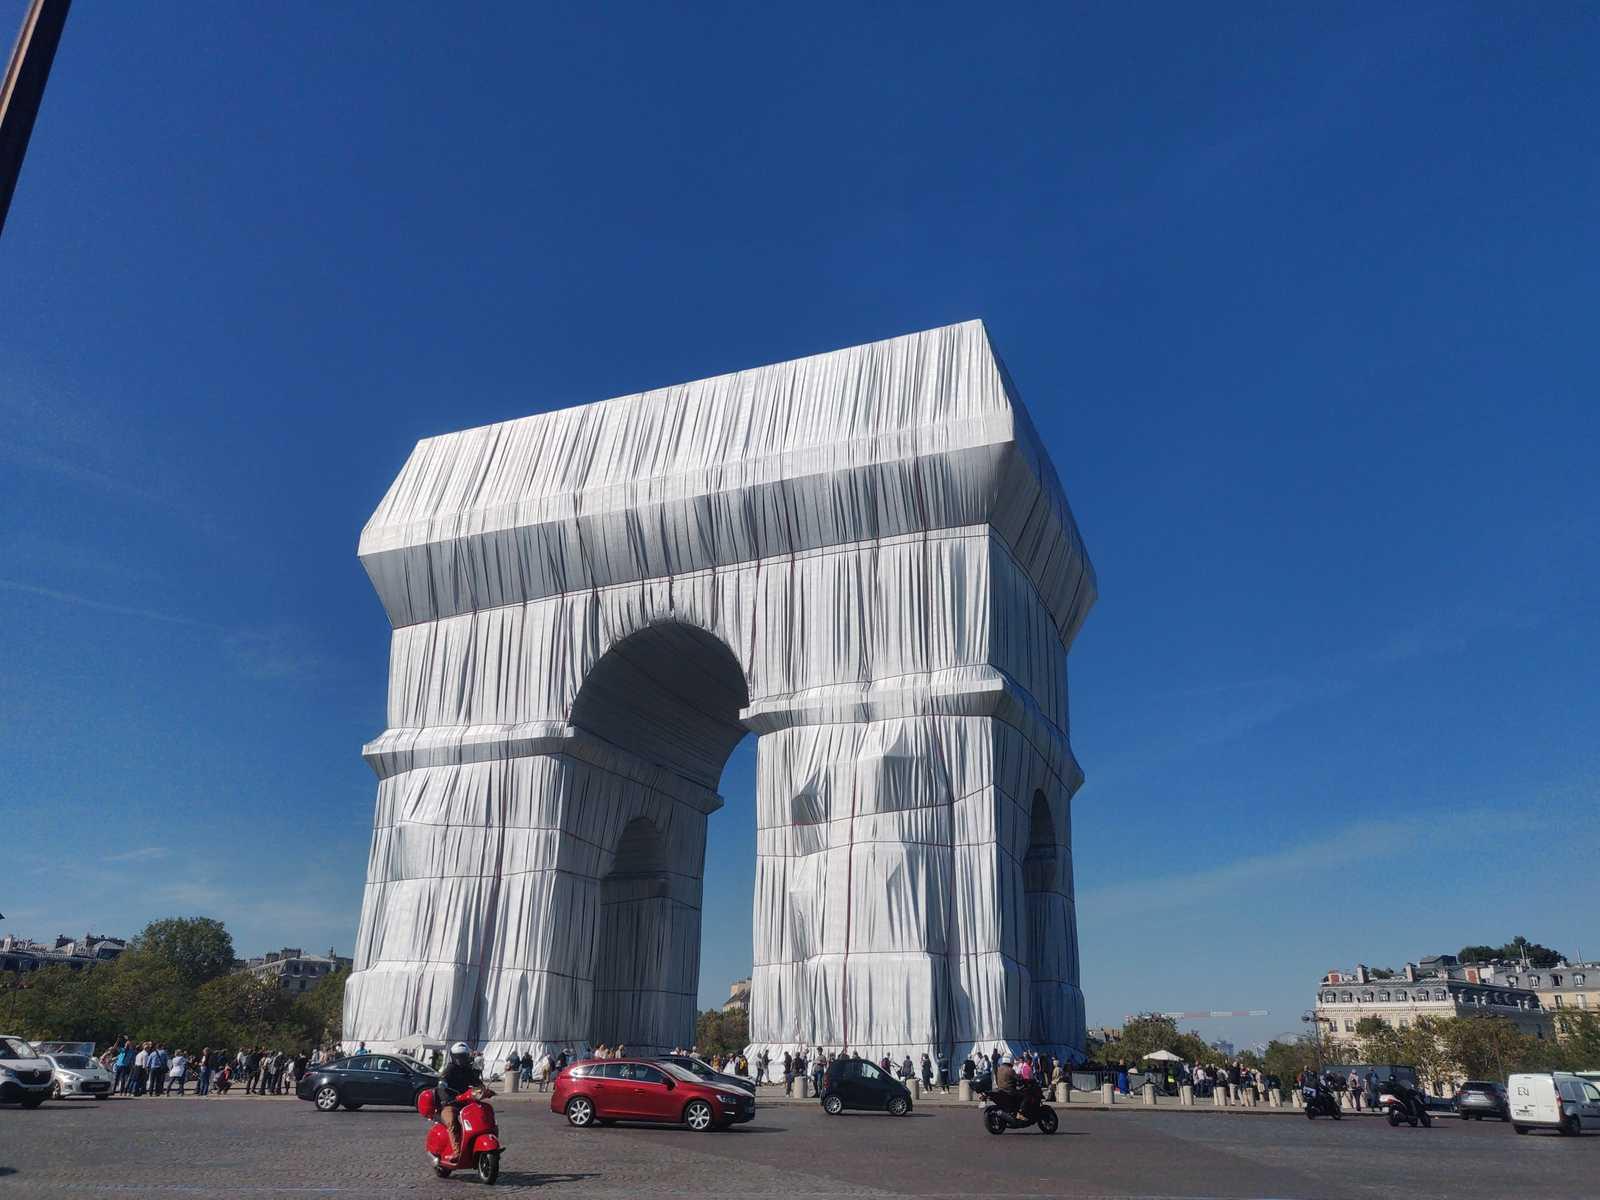 Paris, der verhüllte Triomphbogen vom Arc de Triomphe. Blauer Himmel. Viel Autoverkehr. Verhüllungskunst von Christo und Jeanne-Claude in einem posthumen Projekt. Das Gewebe zum verhüllen scheint silber und hinterlässt Falten.